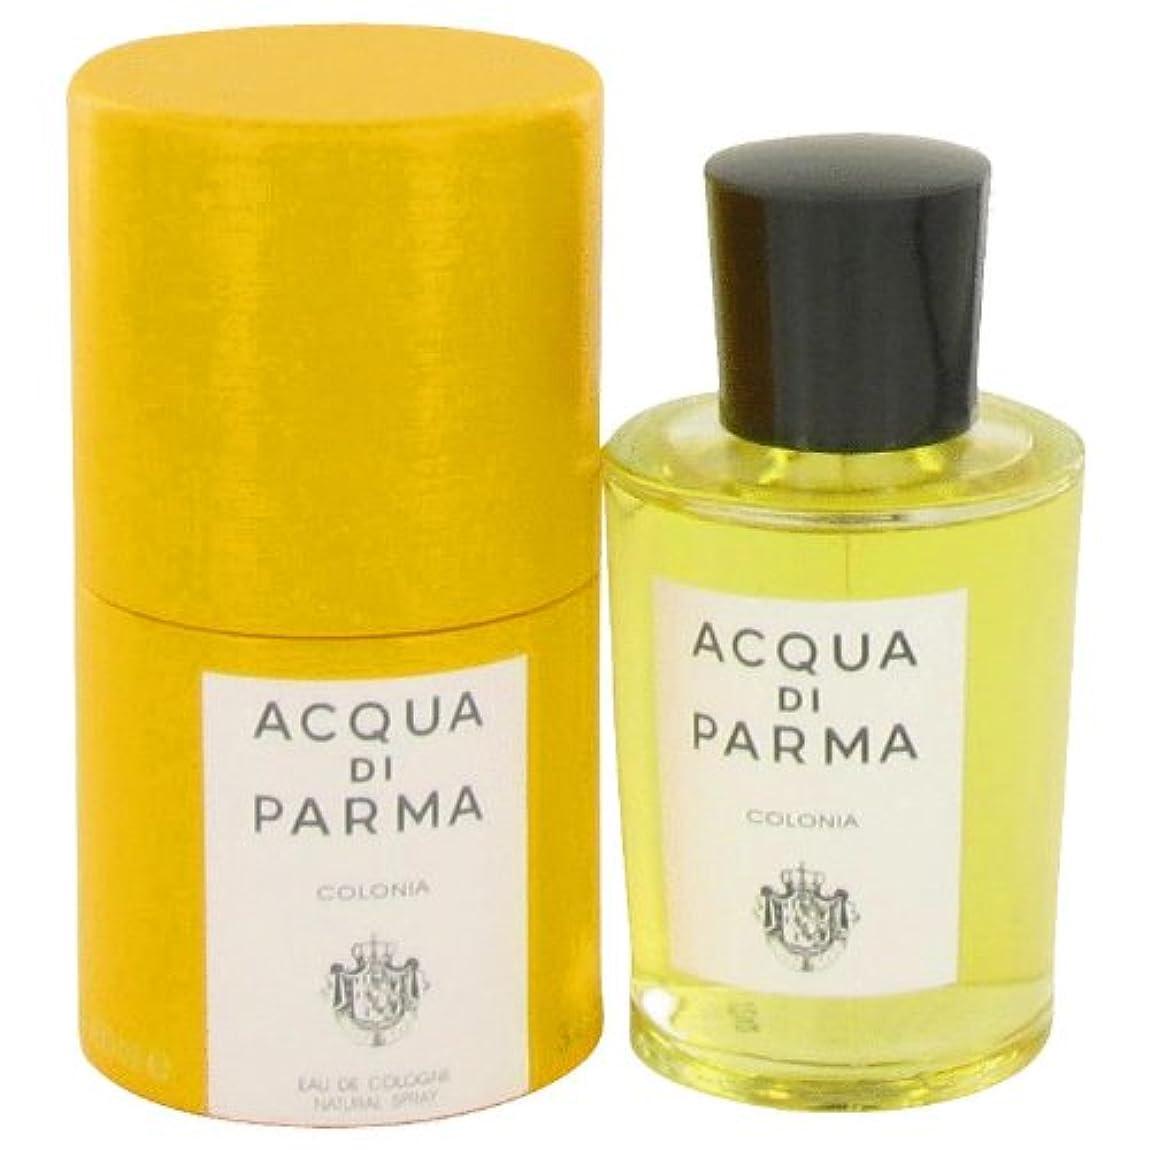 署名子孫ハチAcqua Di Parma Colonia Eau De Cologne Spray By Acqua Di Parma